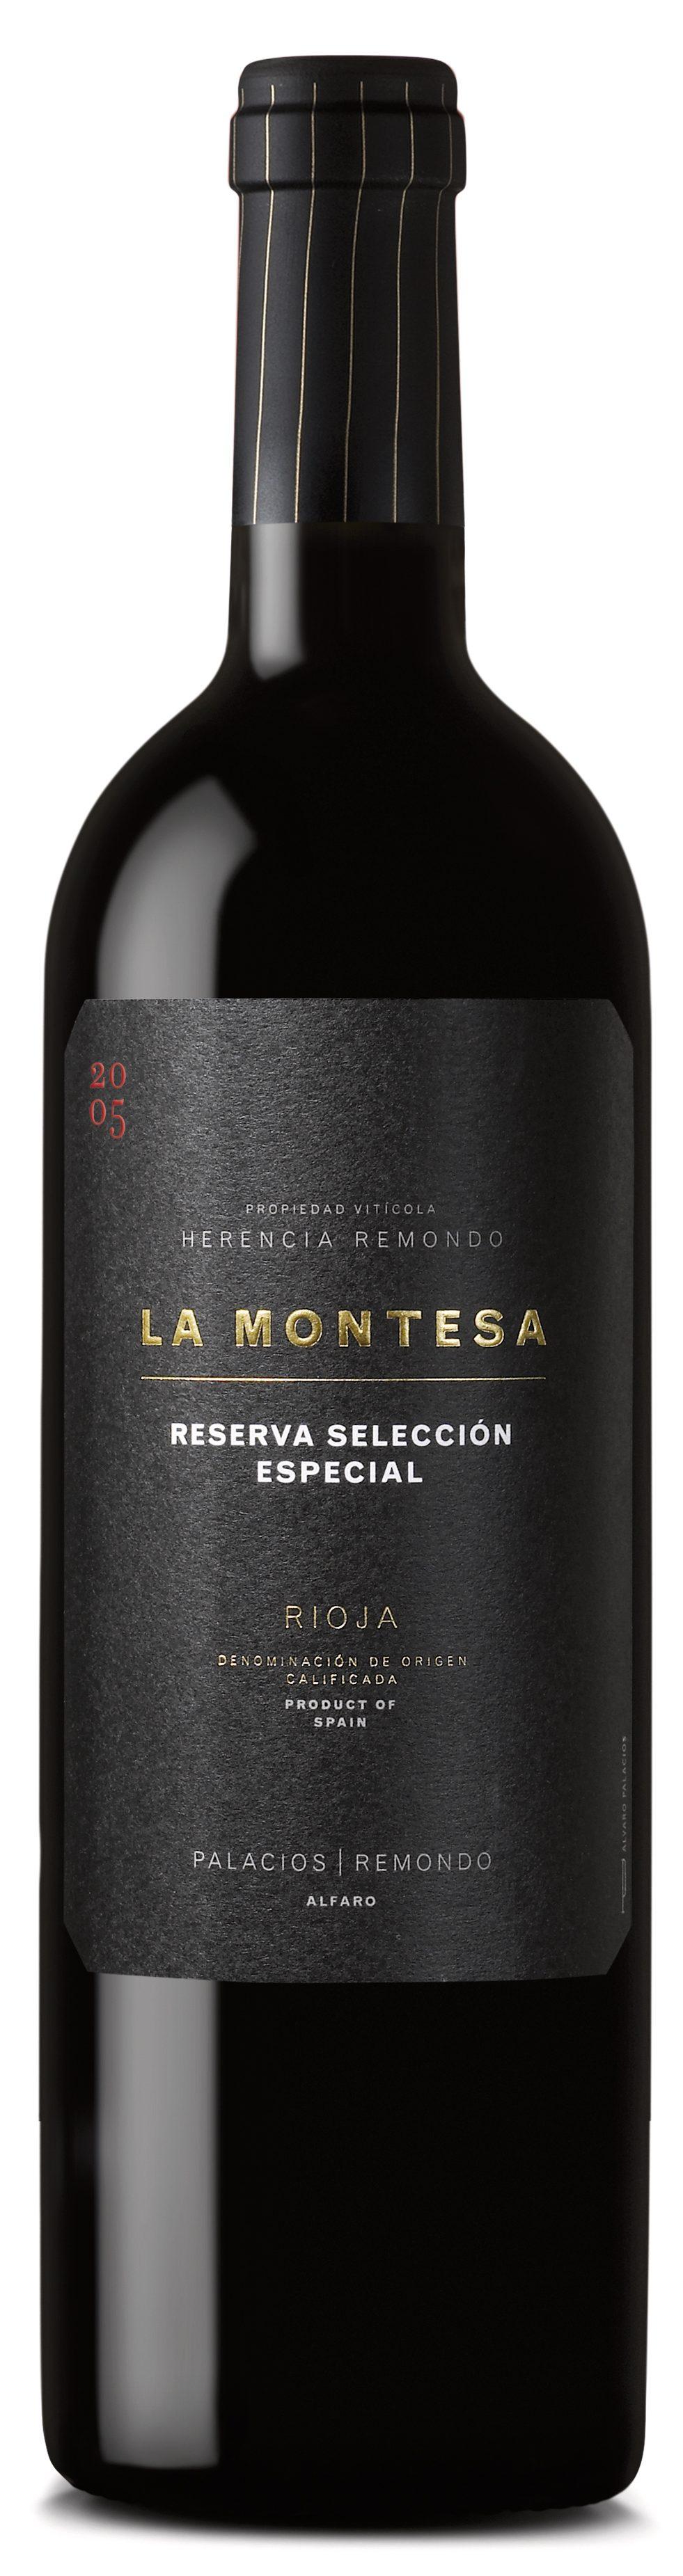 Alvaro Palacios La Montesa Reserva Seleccion Especial